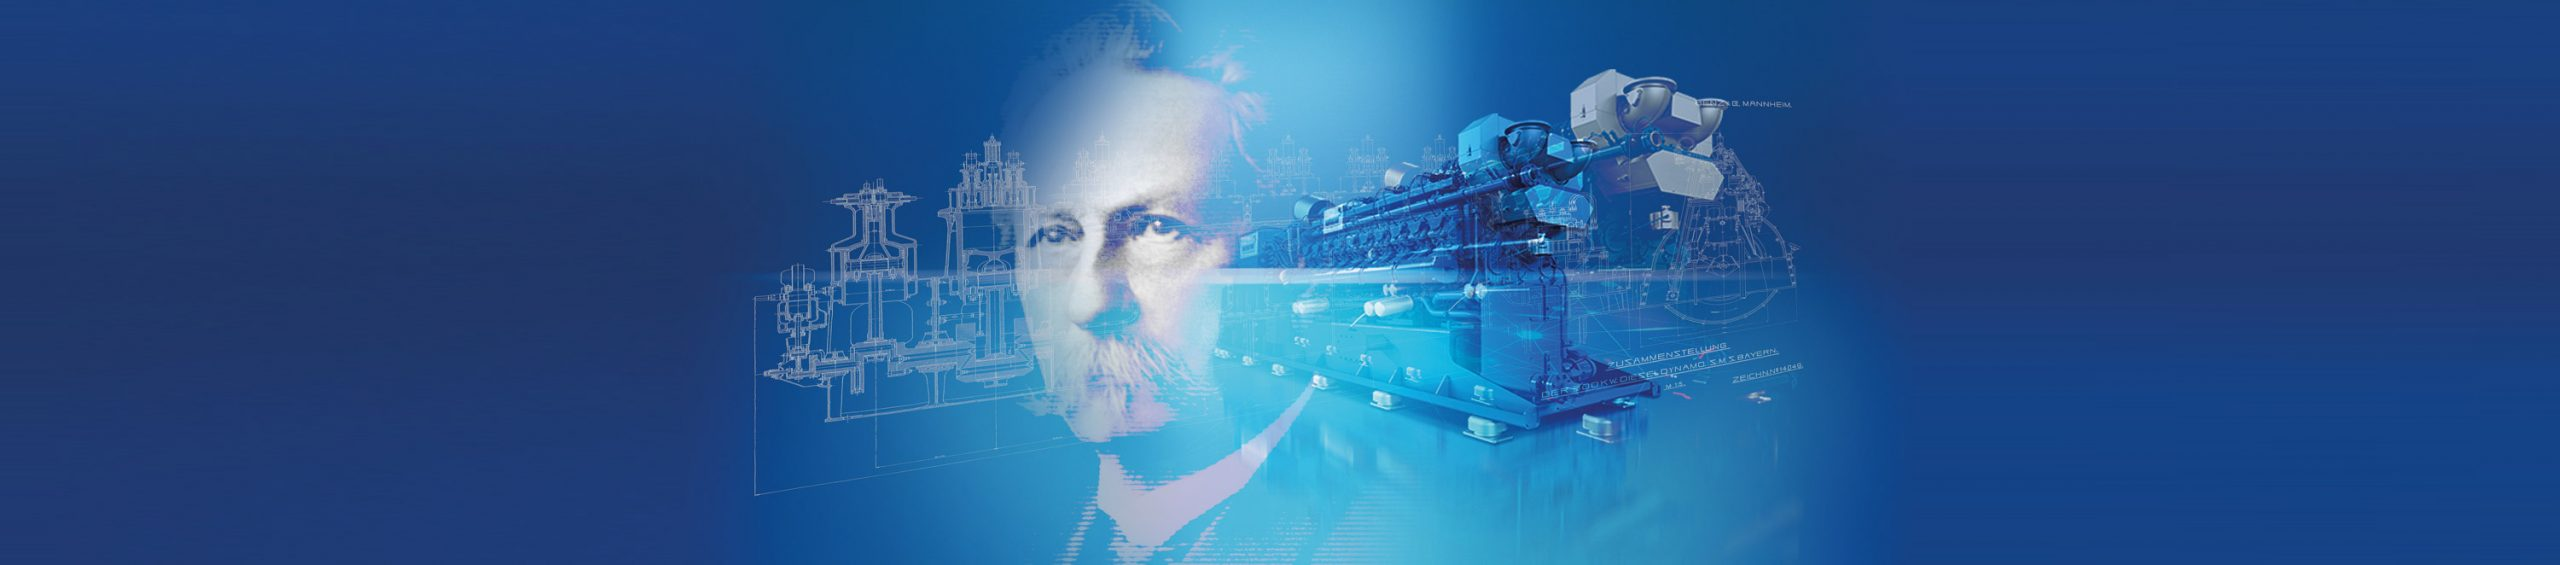 150 Jahre MWM Gasmotoren